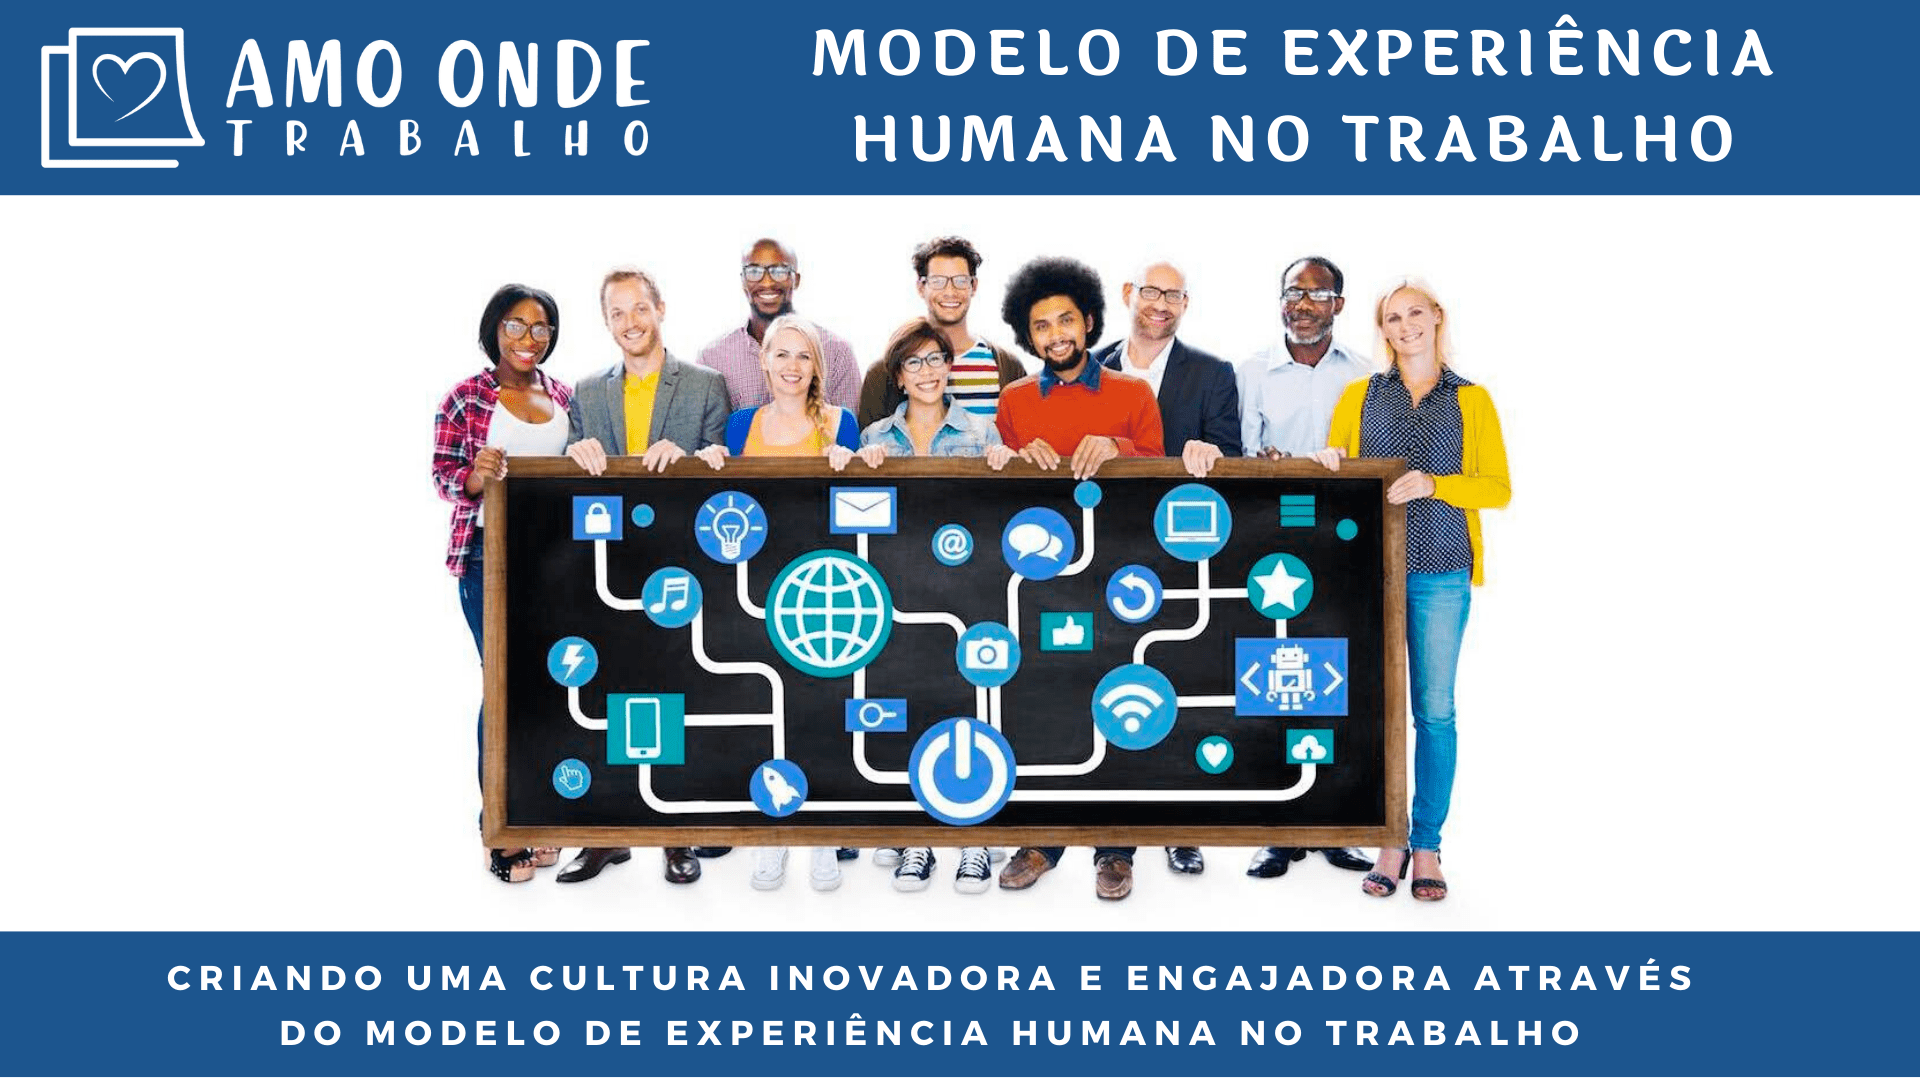 Modelo de Experiência Humana no Trabalho